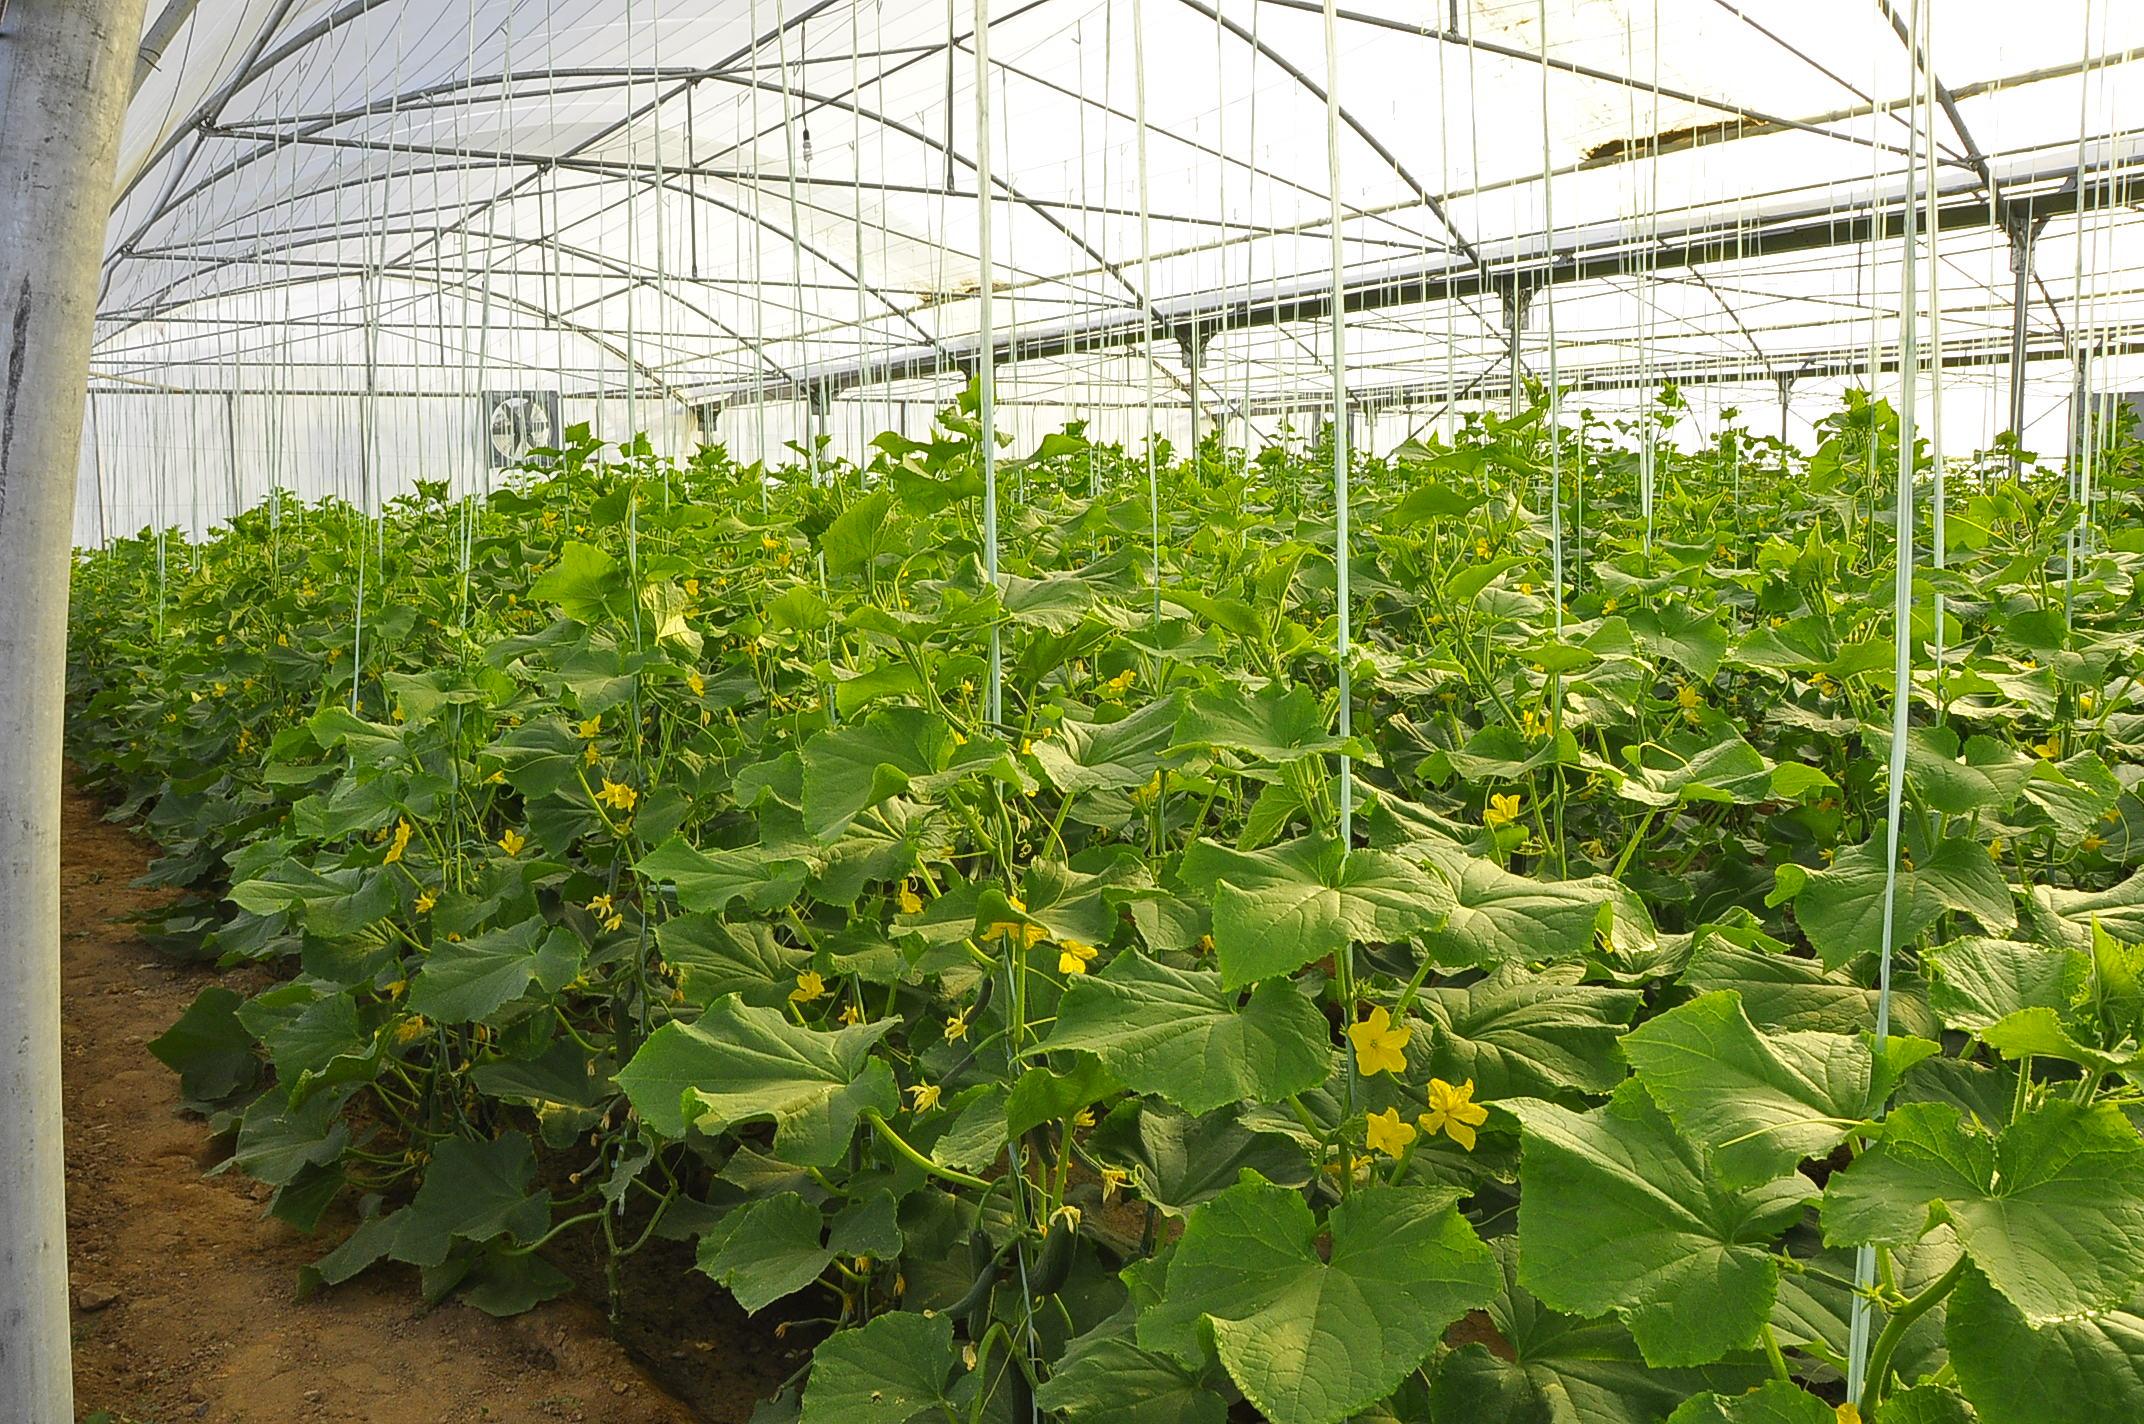 پرداخت 658 میلیارد ریال تسهیلات به واحدهای تولیدی کشاورزی در زنجان